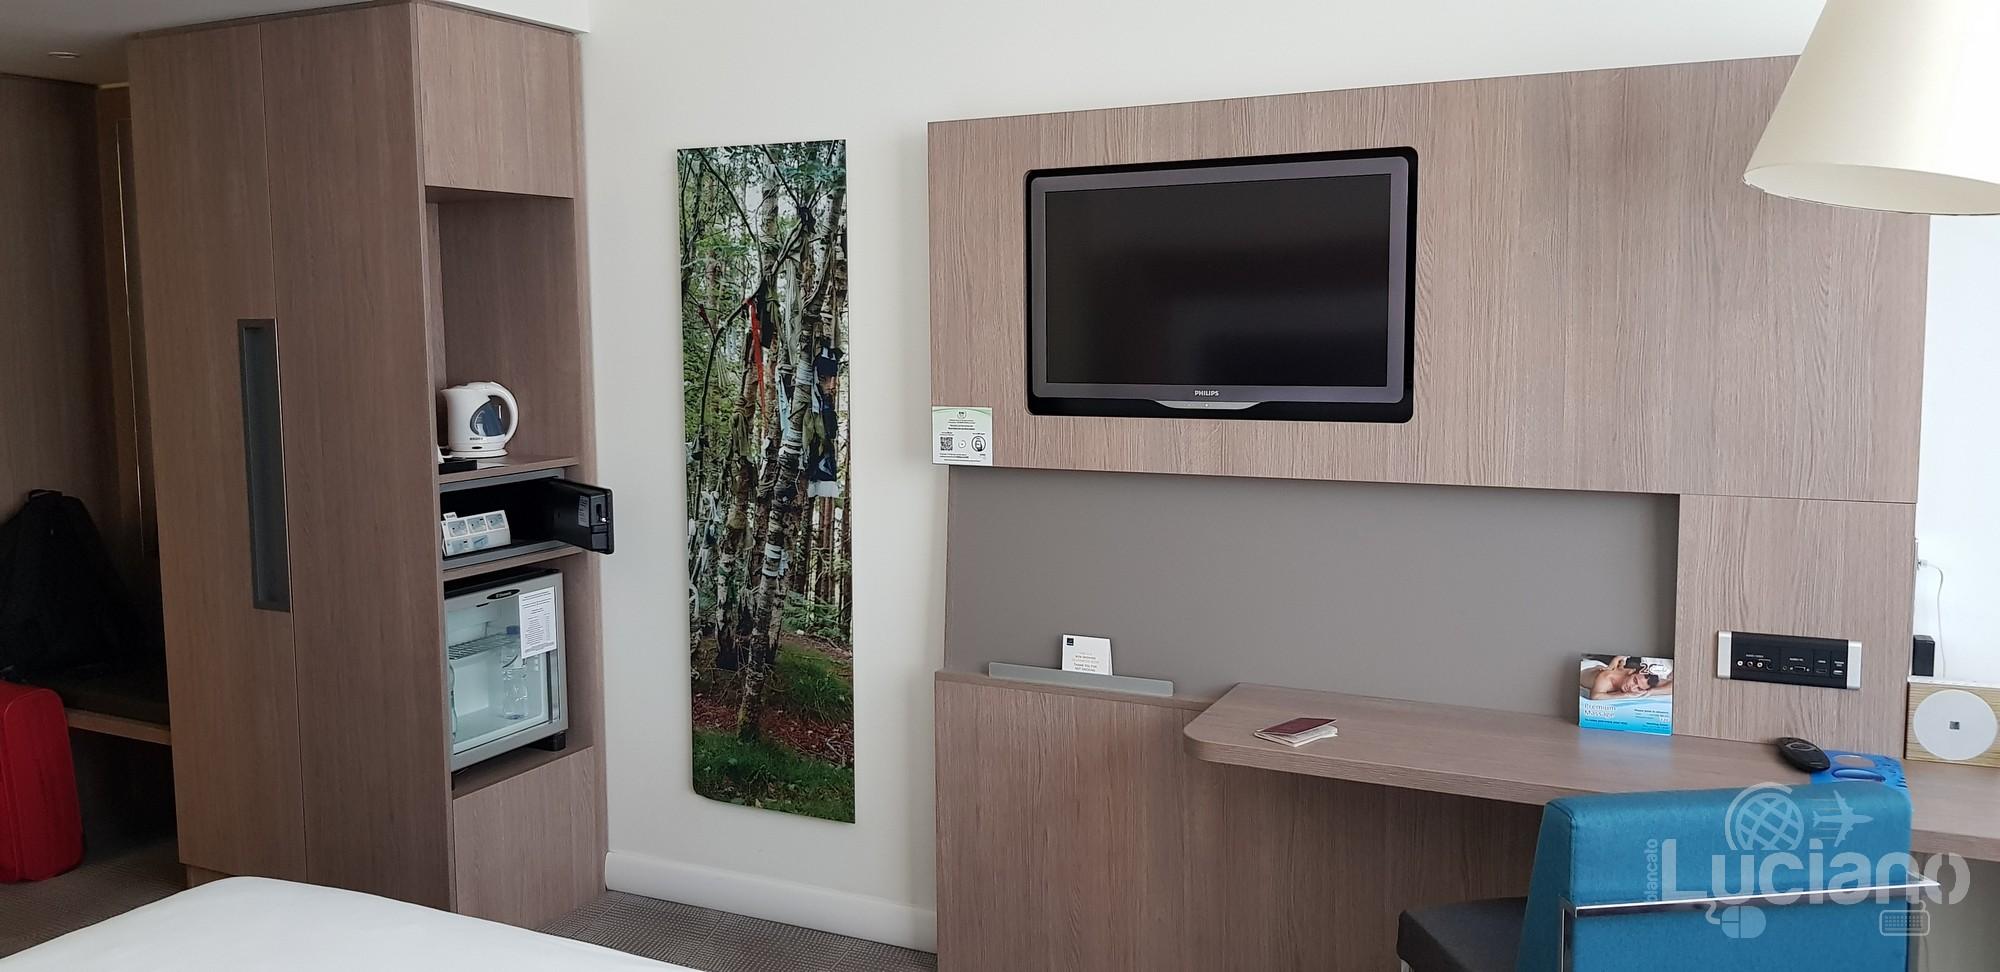 Novotel - SOFIA - Bulgaria - dettaglio camera